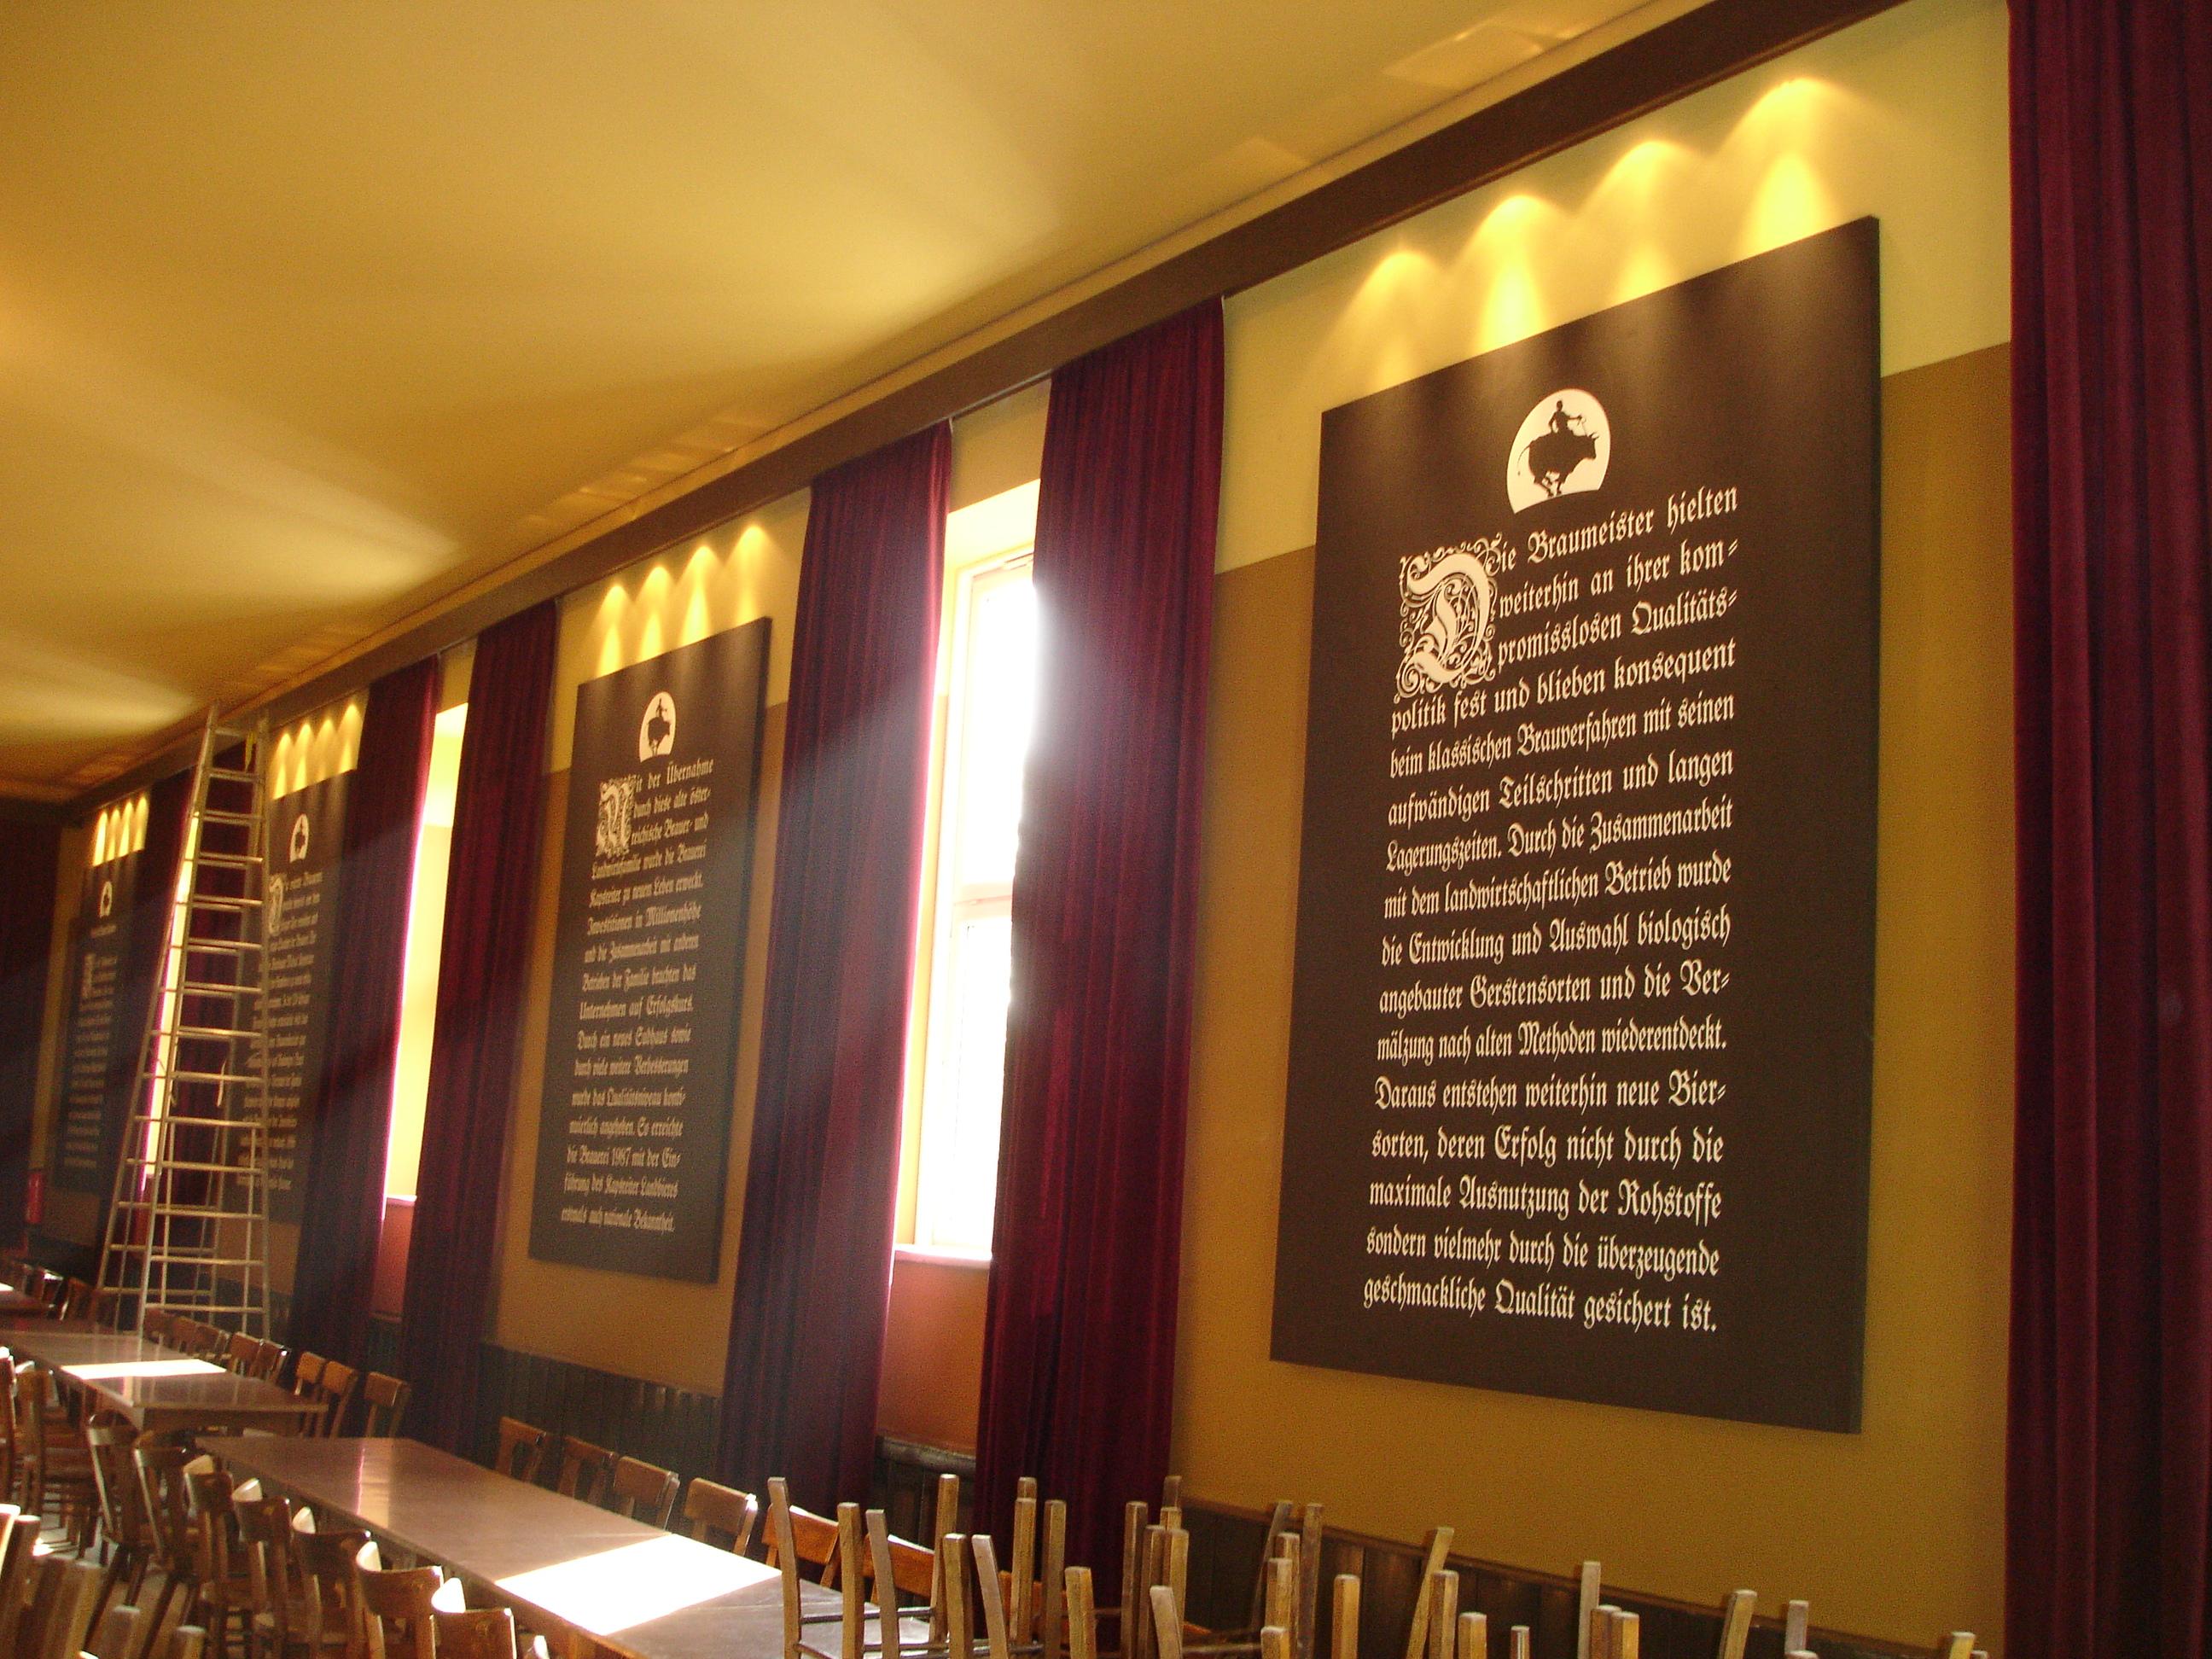 https://0501.nccdn.net/4_2/000/000/038/2d3/Brauerei-Kapsreiter-005.jpg